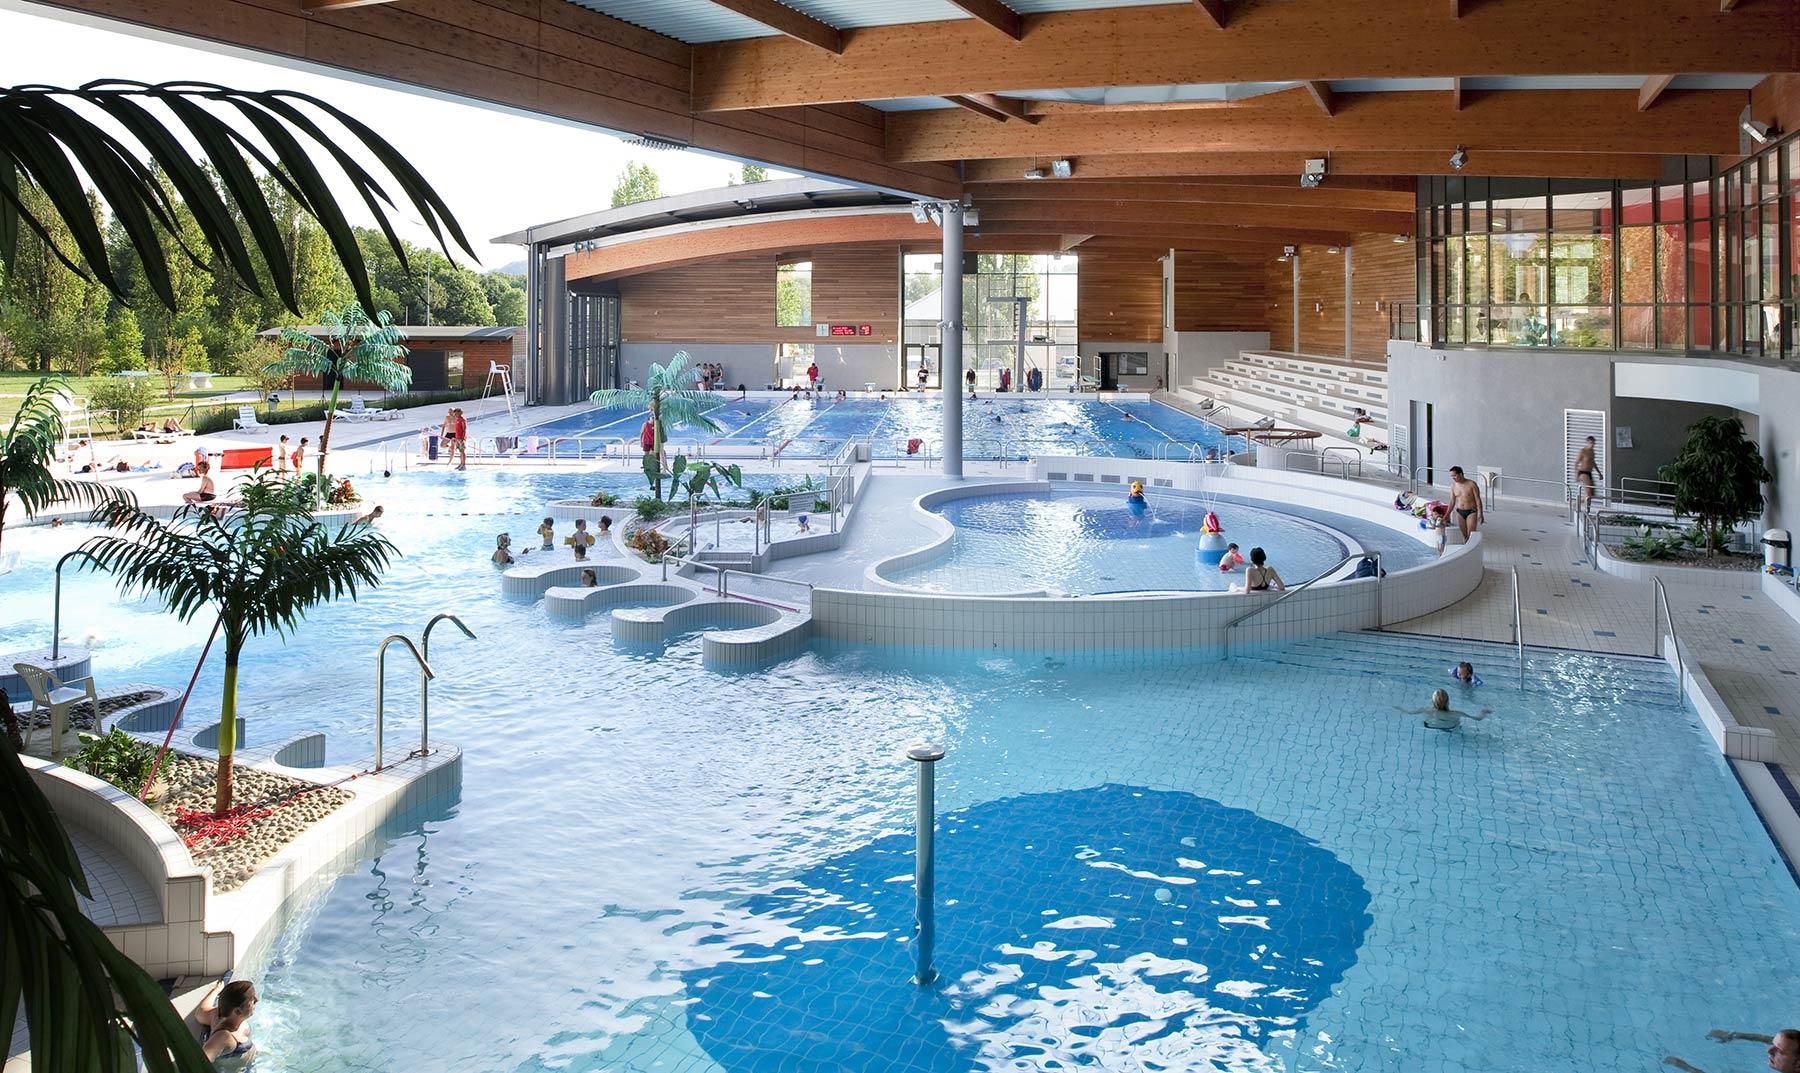 Centre Aquatique De Lons-Le-Saunier | Atelier Périnet ... tout Piscine Aquarel Lons